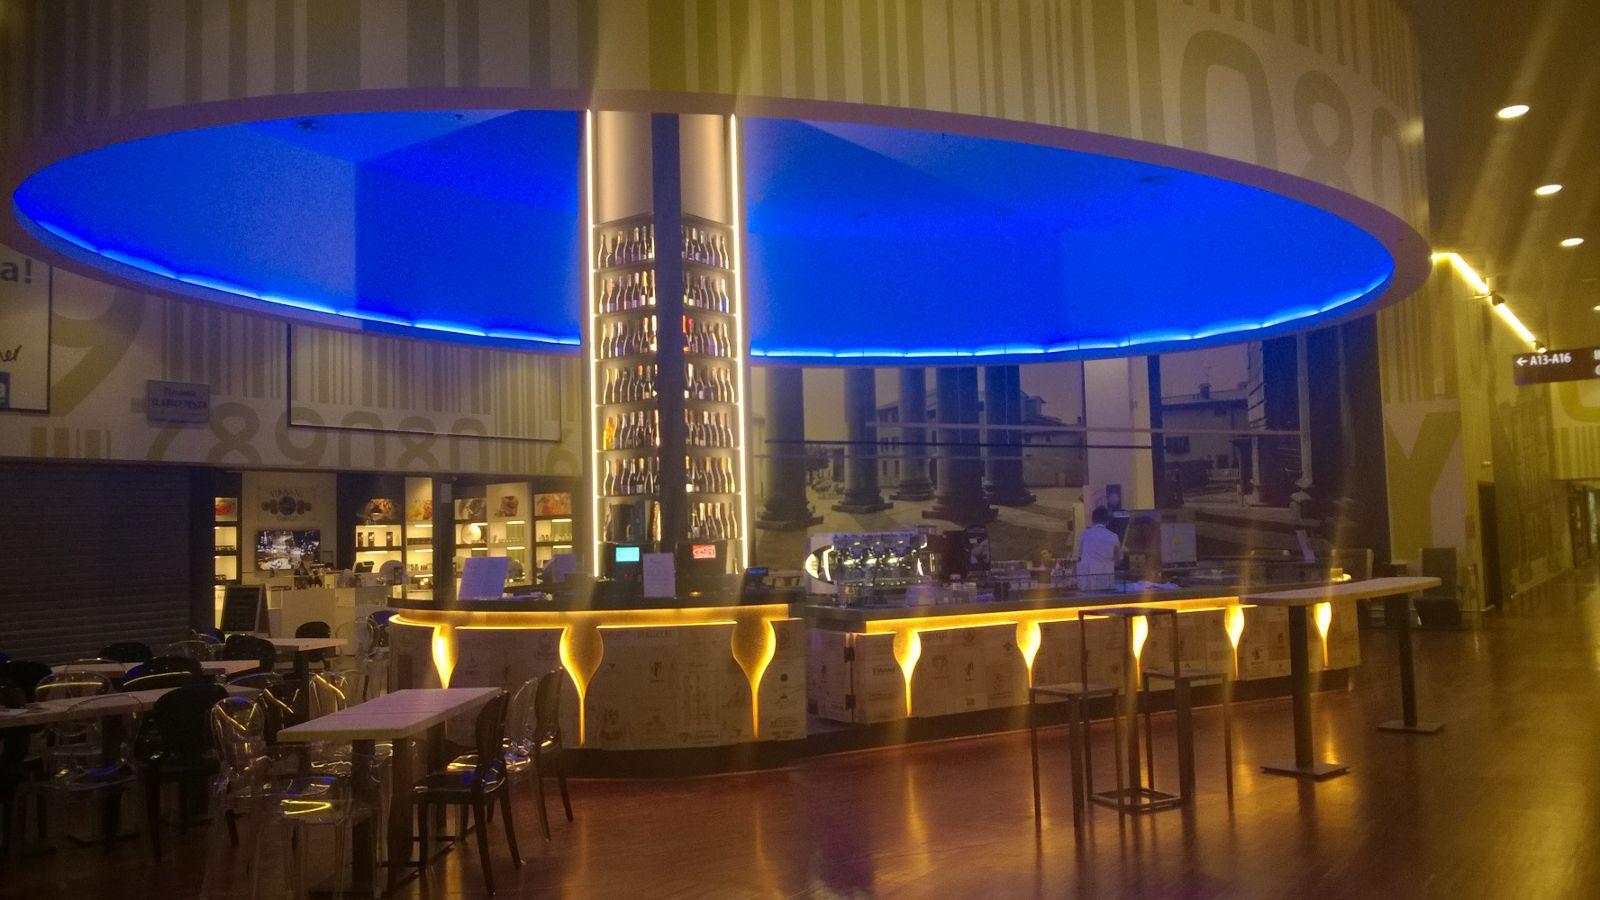 Foto della struttura del Ristorante Wine Gate 11 presso l'Aeroporto di Orio al Serio, con luce color blu